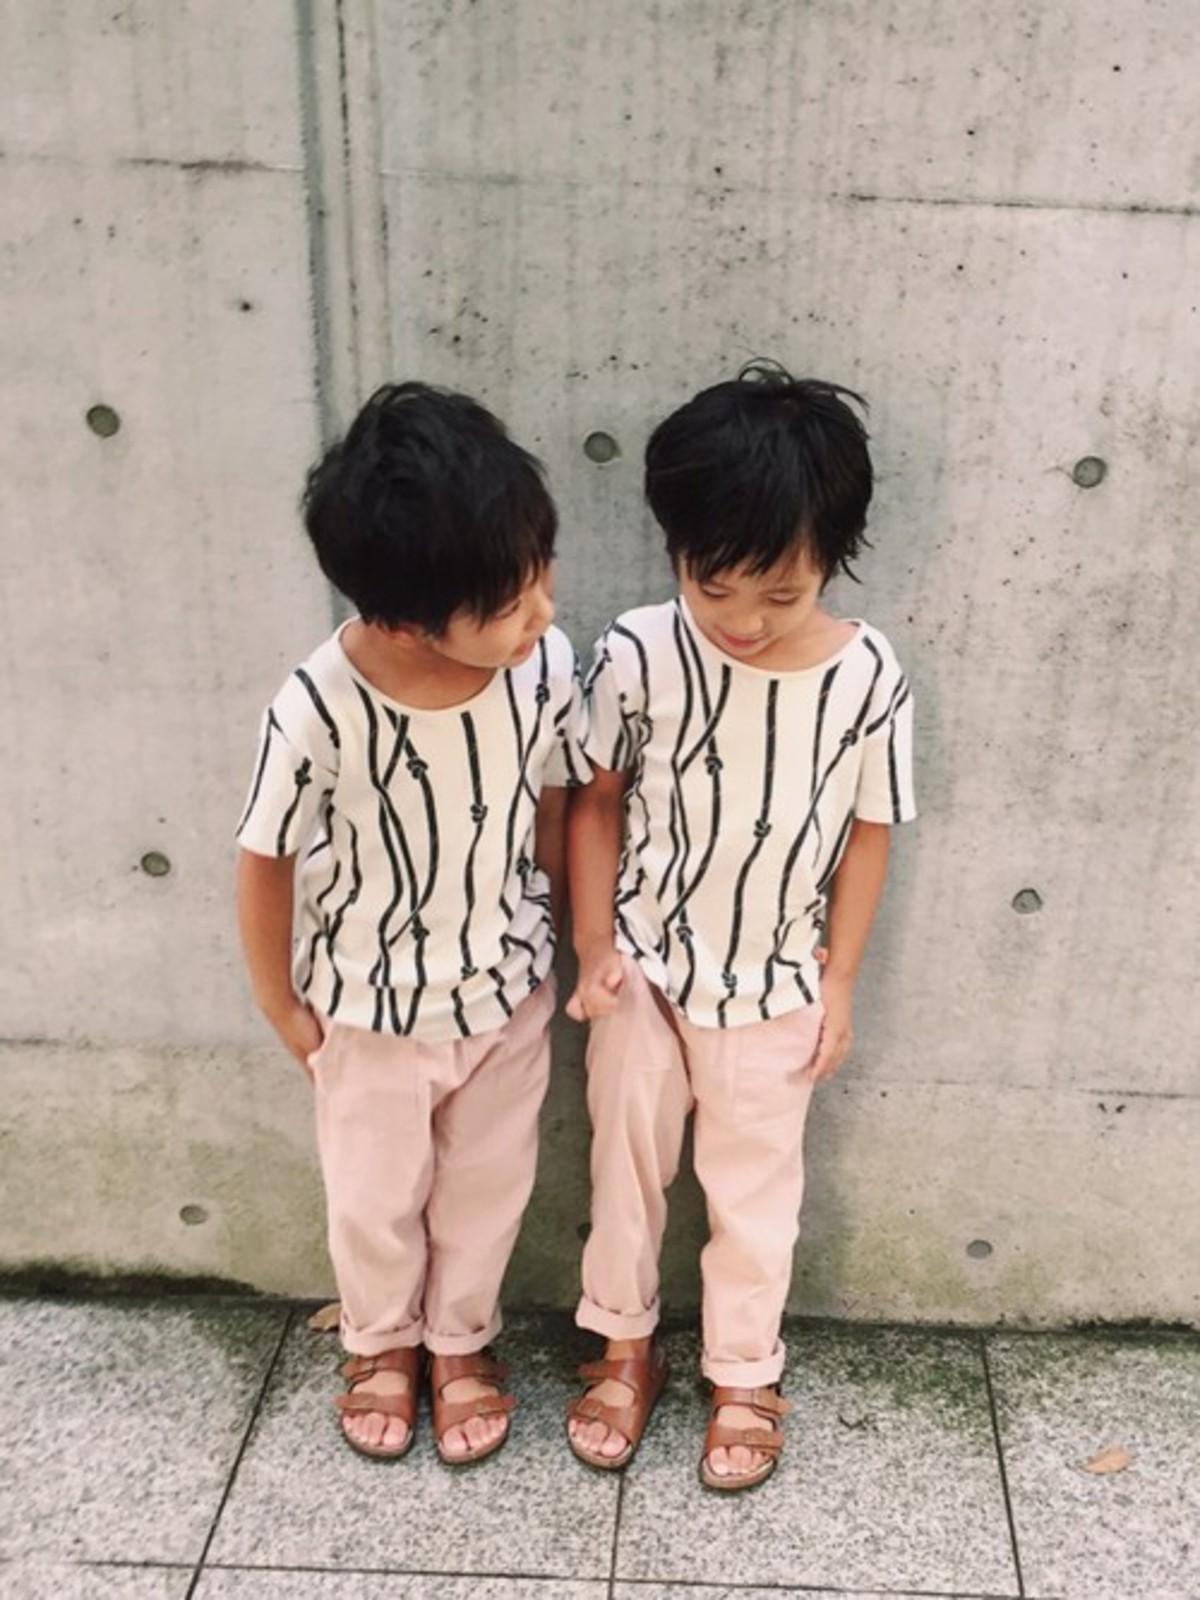 双子の男の子コーデに胸キュン。インスタグラムで人気急上昇中のayakoさんのコーデ術